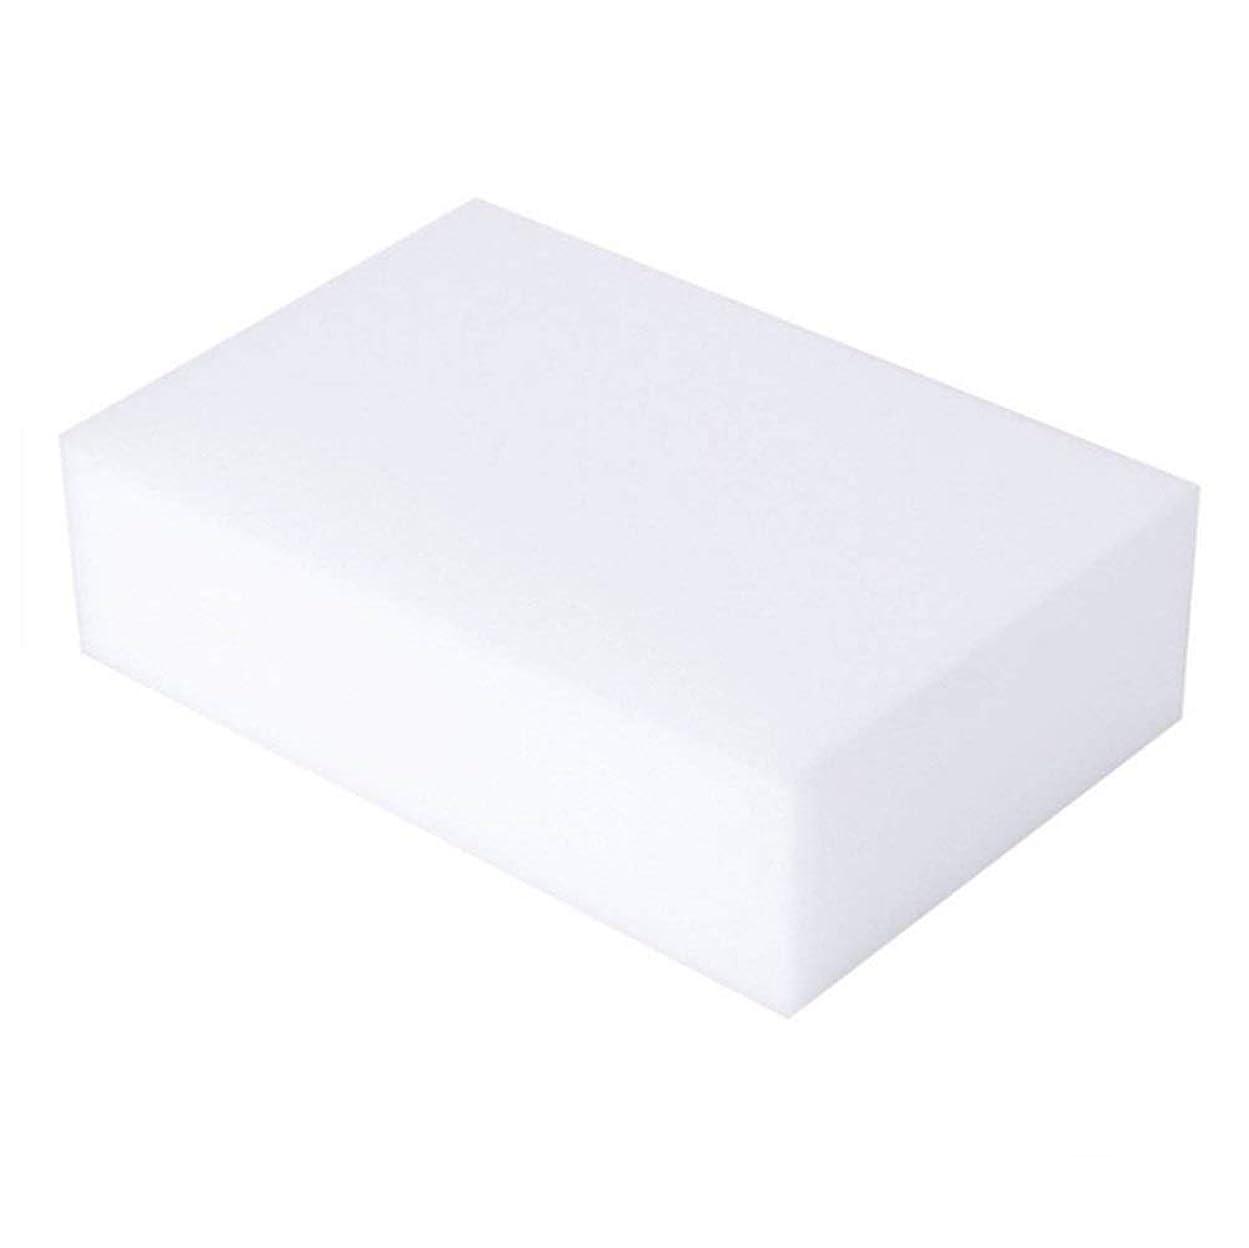 治安判事発明染色マジッククリーニングスポンジ マジック消しゴム スポンジメラミンフォームクリーニングパッド 全表面消しゴムスポンジ バスルーム キッチン 床